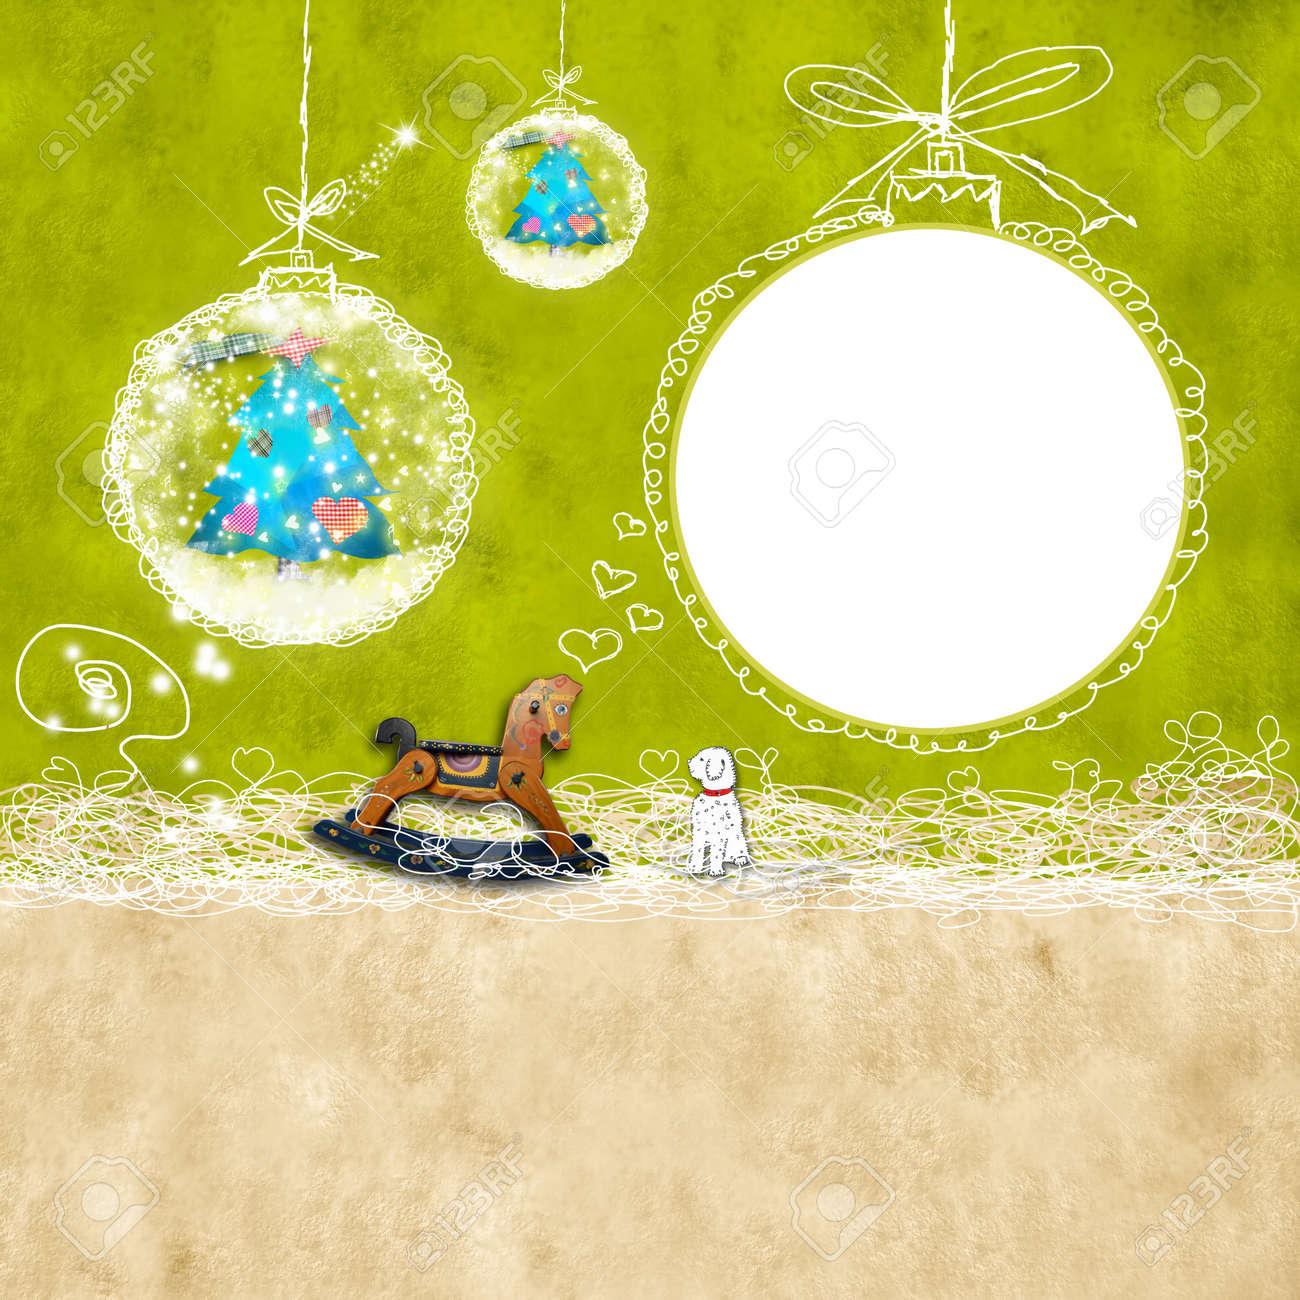 Weihnachten Hintergrund Mit Fotorahmen Kinder Und Niedliche ...